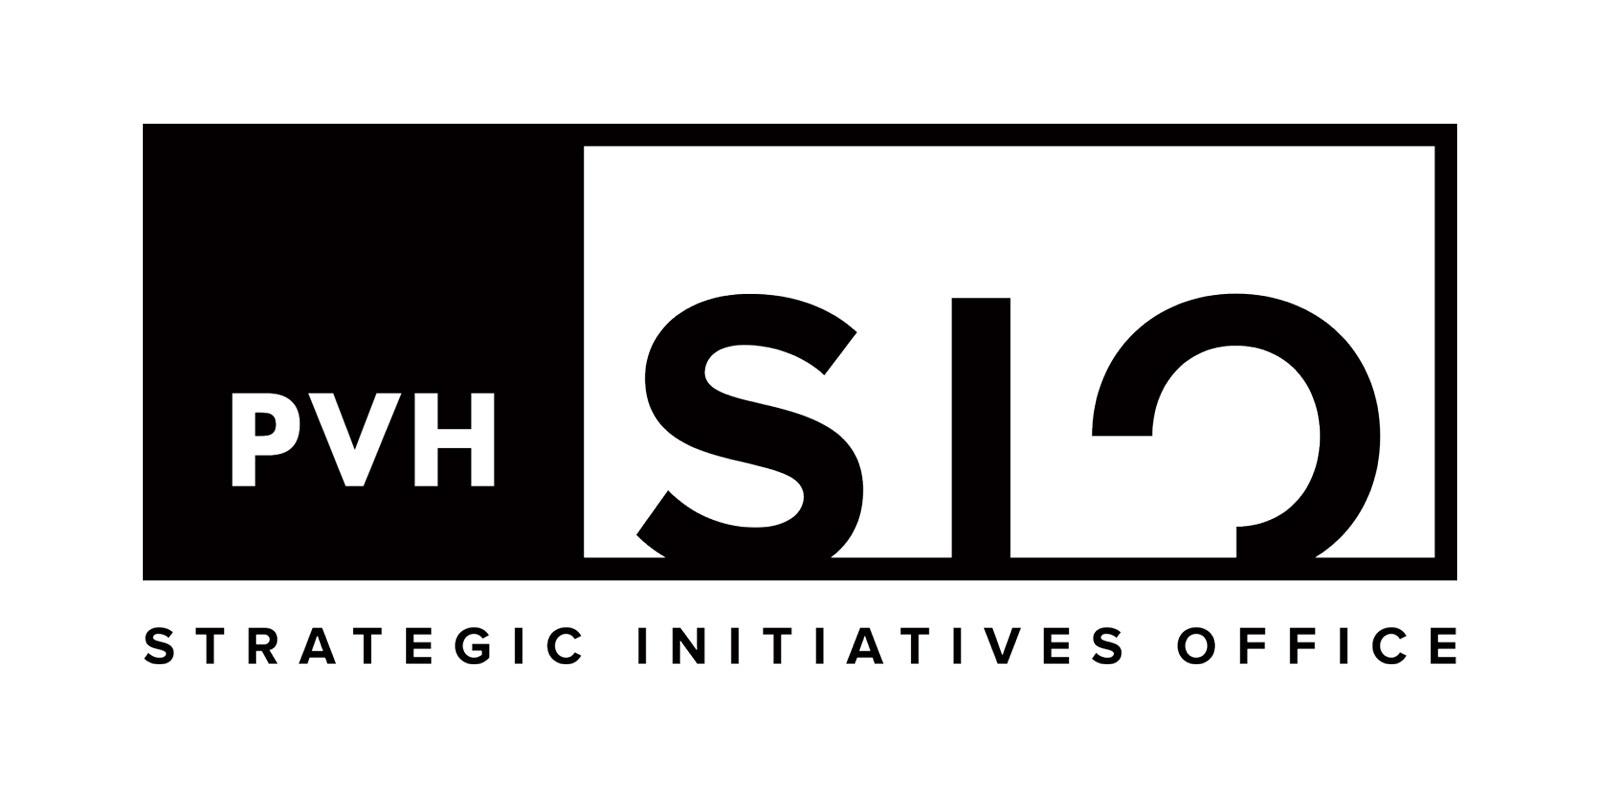 PVH Logo Black